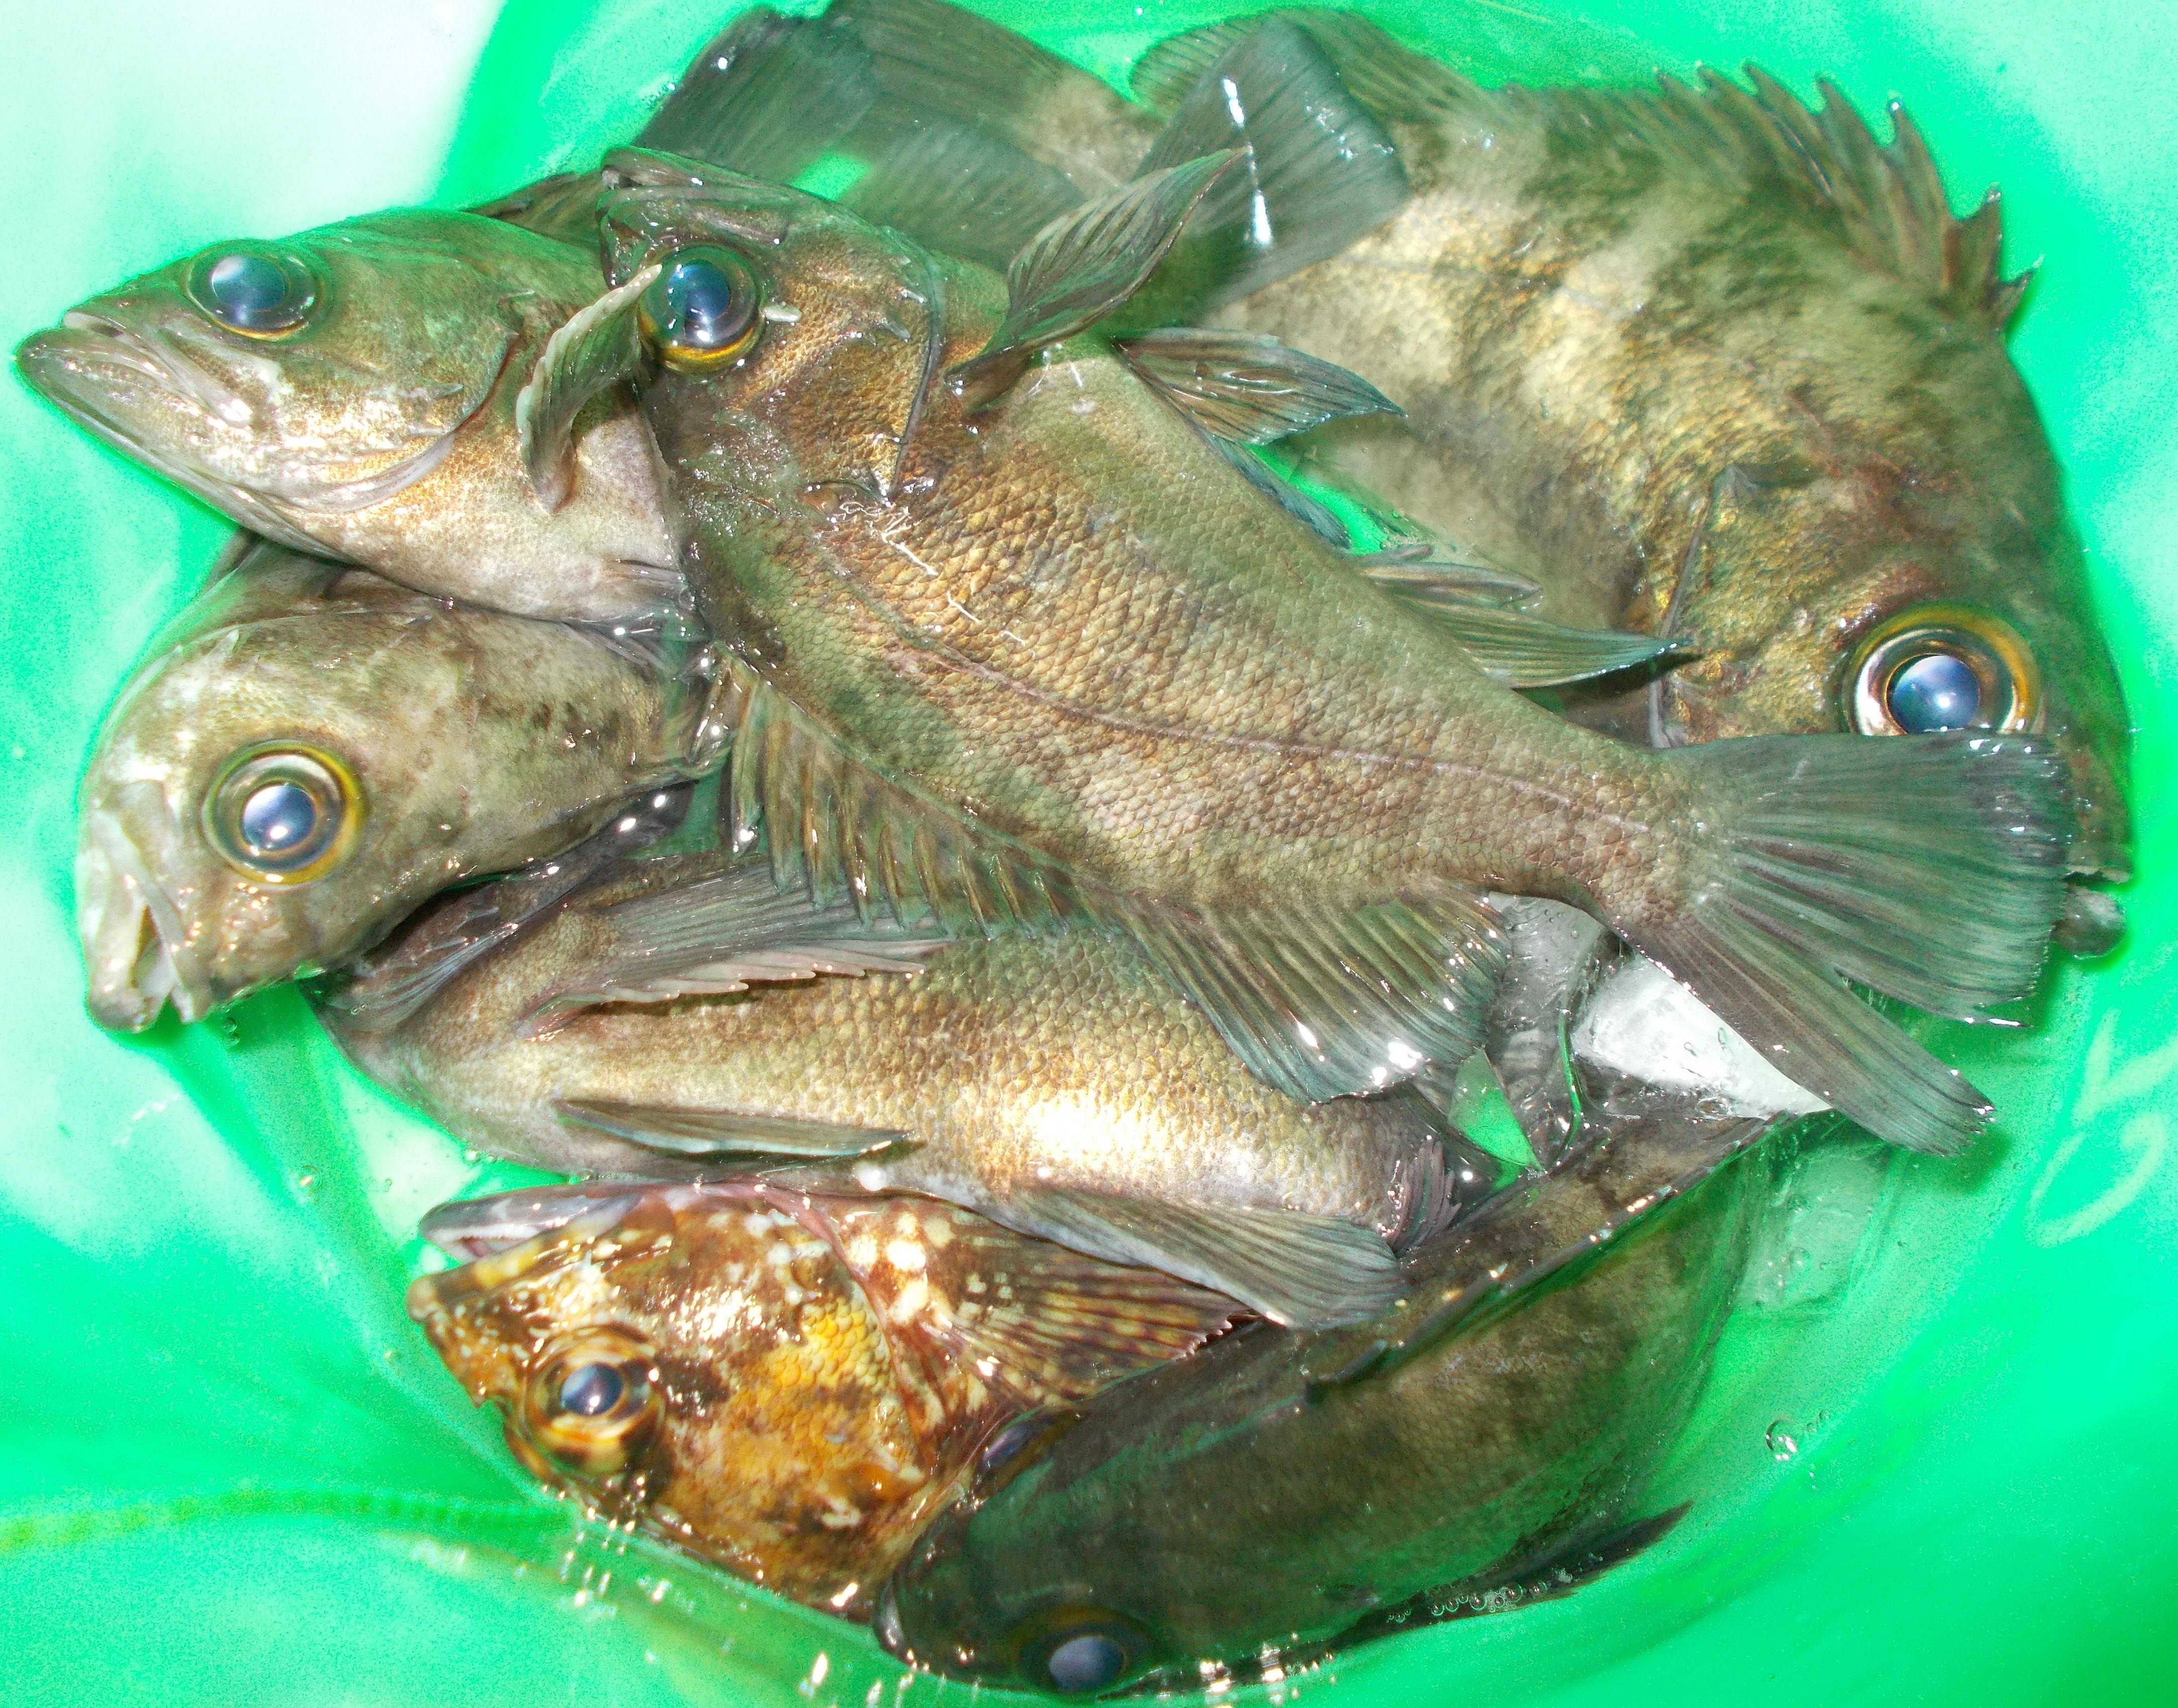 良型メバルだらけでした。産卵前のお腹が大きい魚は釣れても逃がしてあげて下さいね。